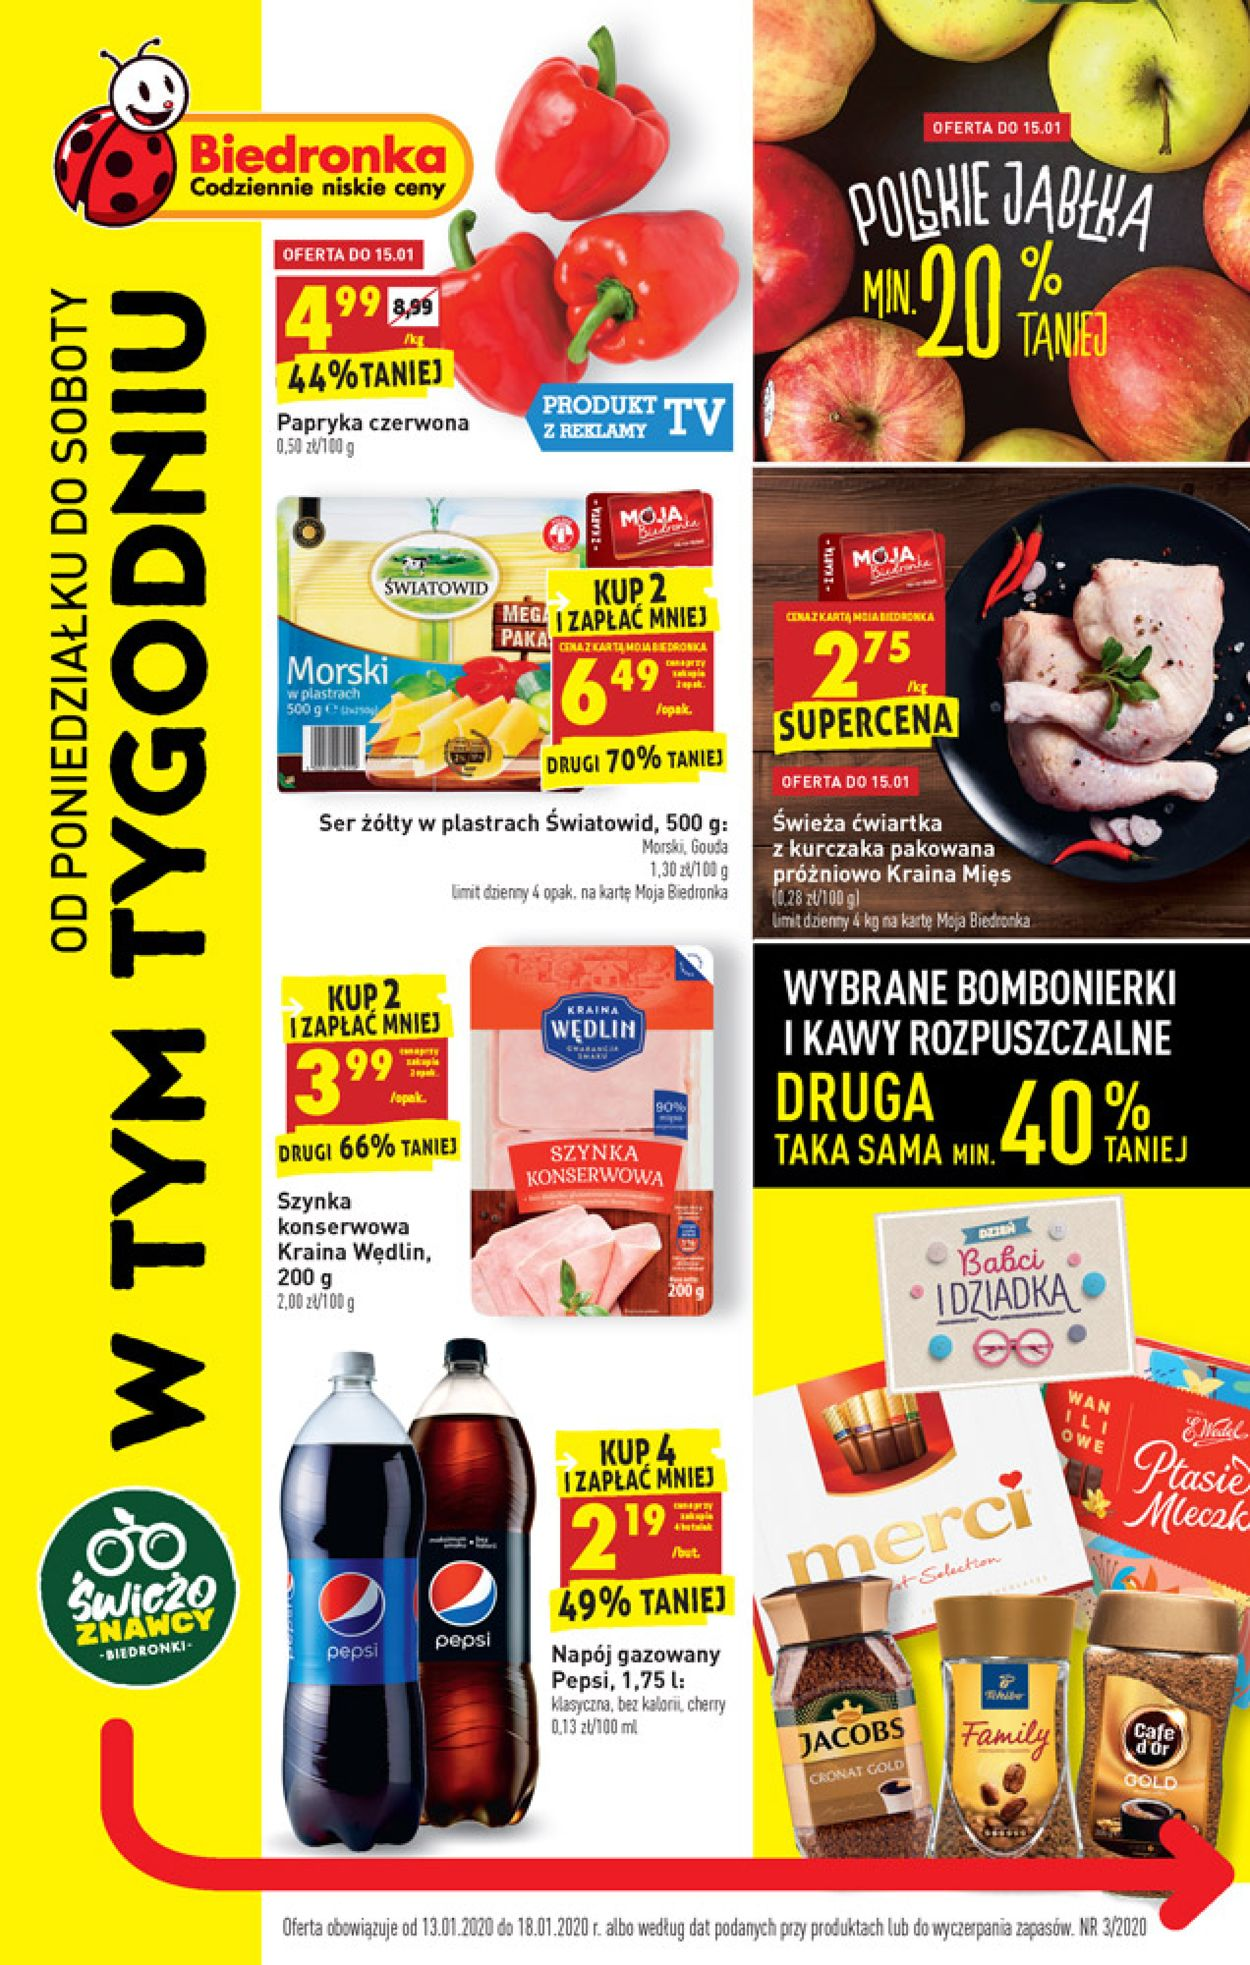 Gazetka promocyjna Biedronka - 13.01-18.01.2020